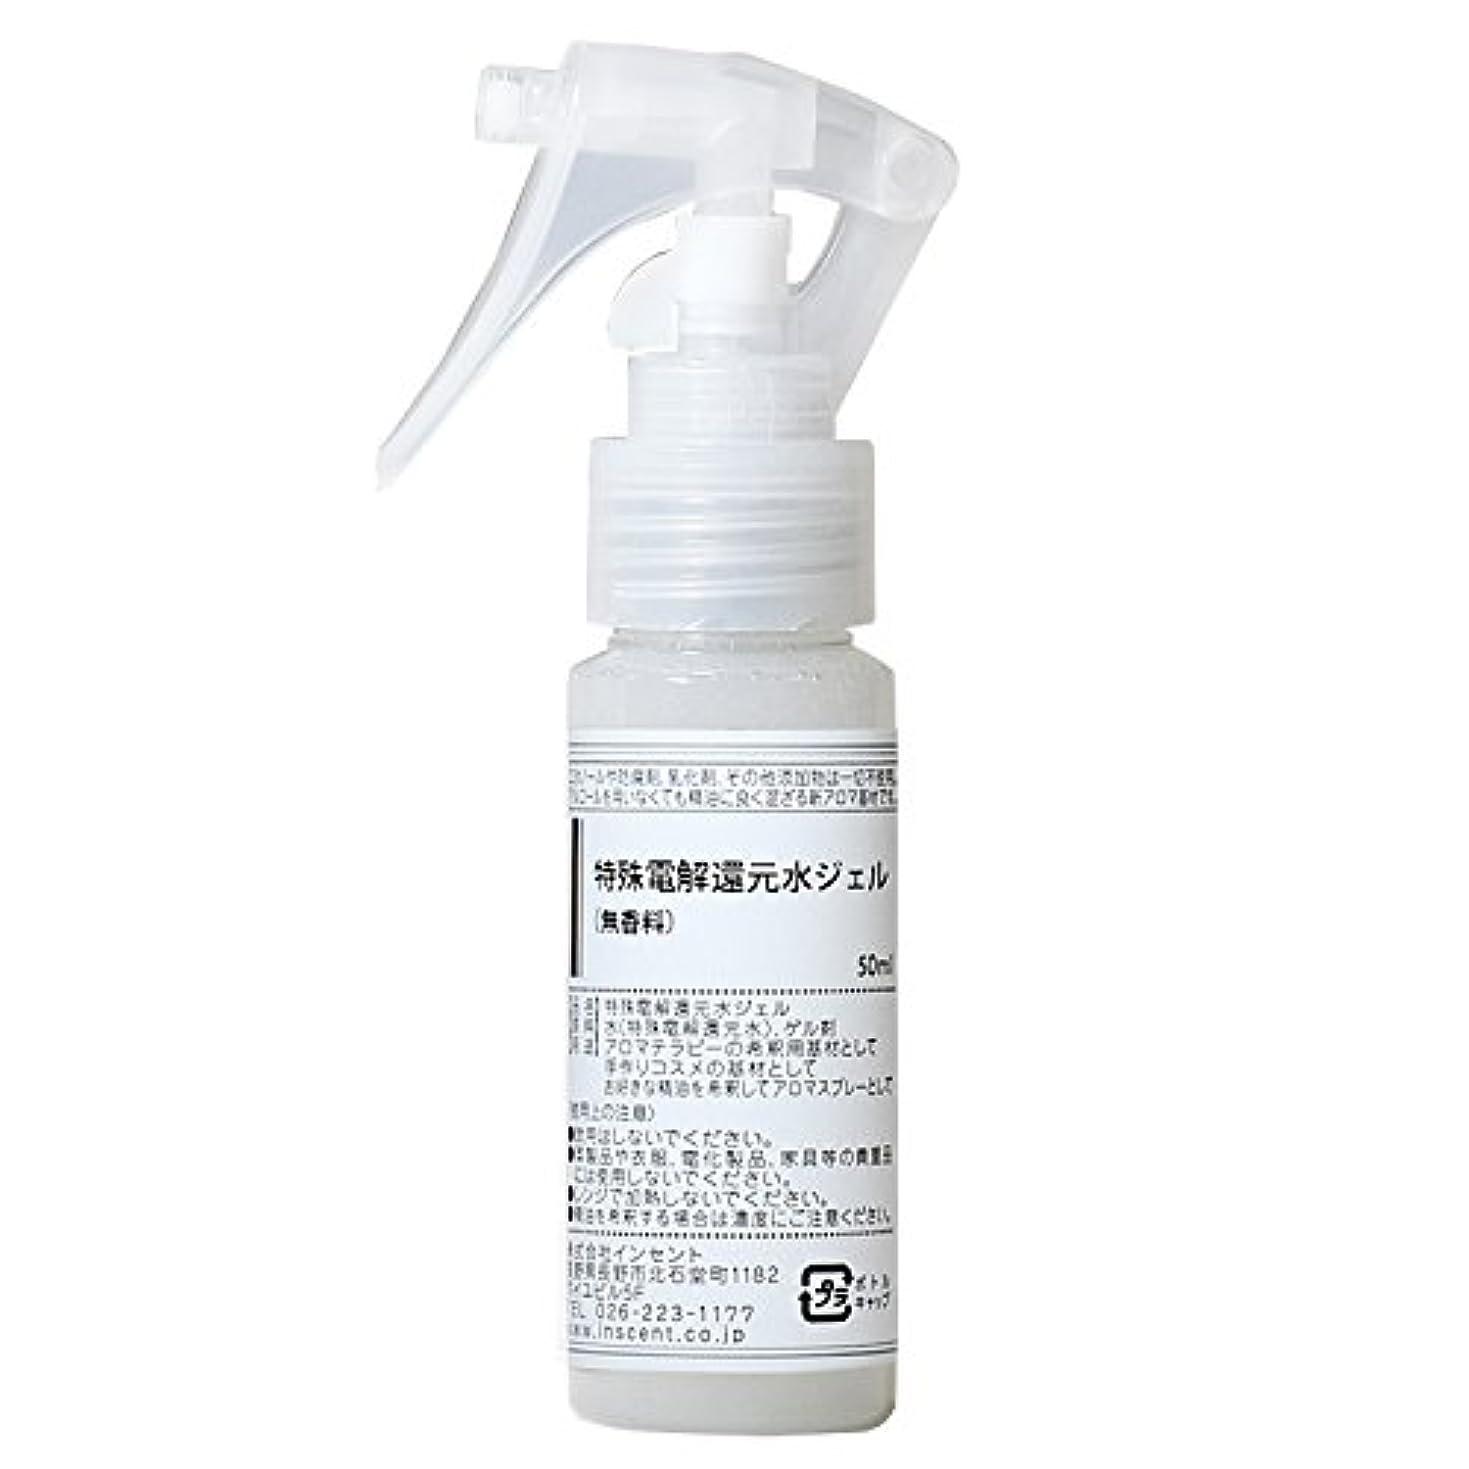 論理的に意気込み禁止するアロマスプレー (アロマシャワー) 無香料 特殊電解還元水ジェル 50ml (PET/トリガースプレー) インセント